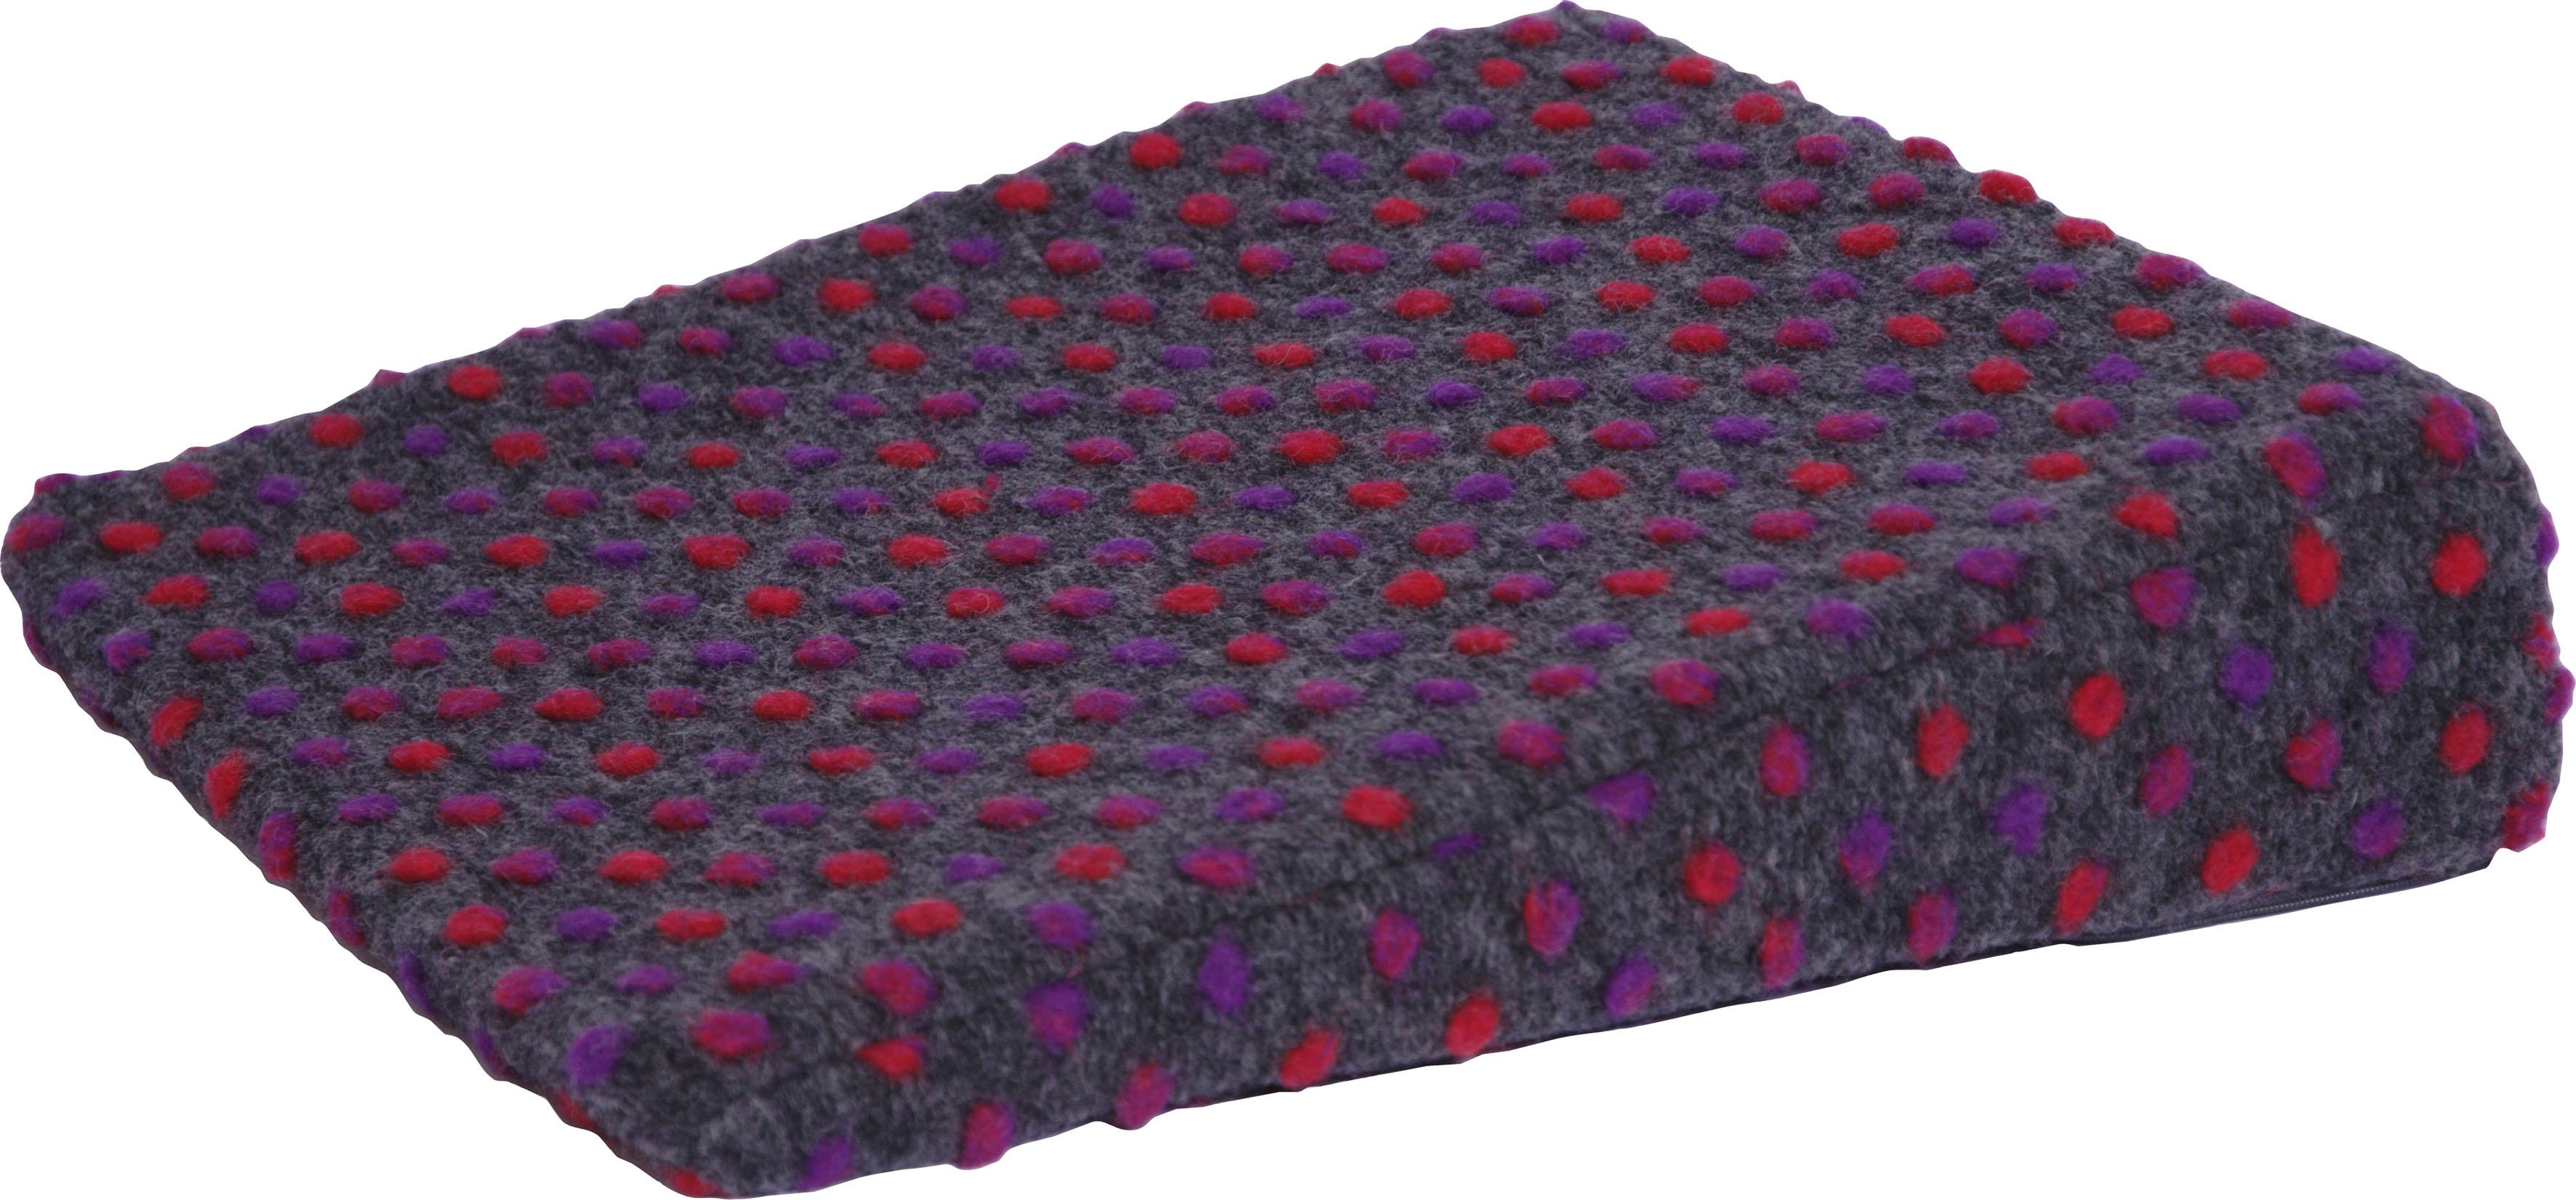 Linke Licardo Keilkissen Punkte, aus reiner Schurwolle schwarz Sitzkissen Kissen